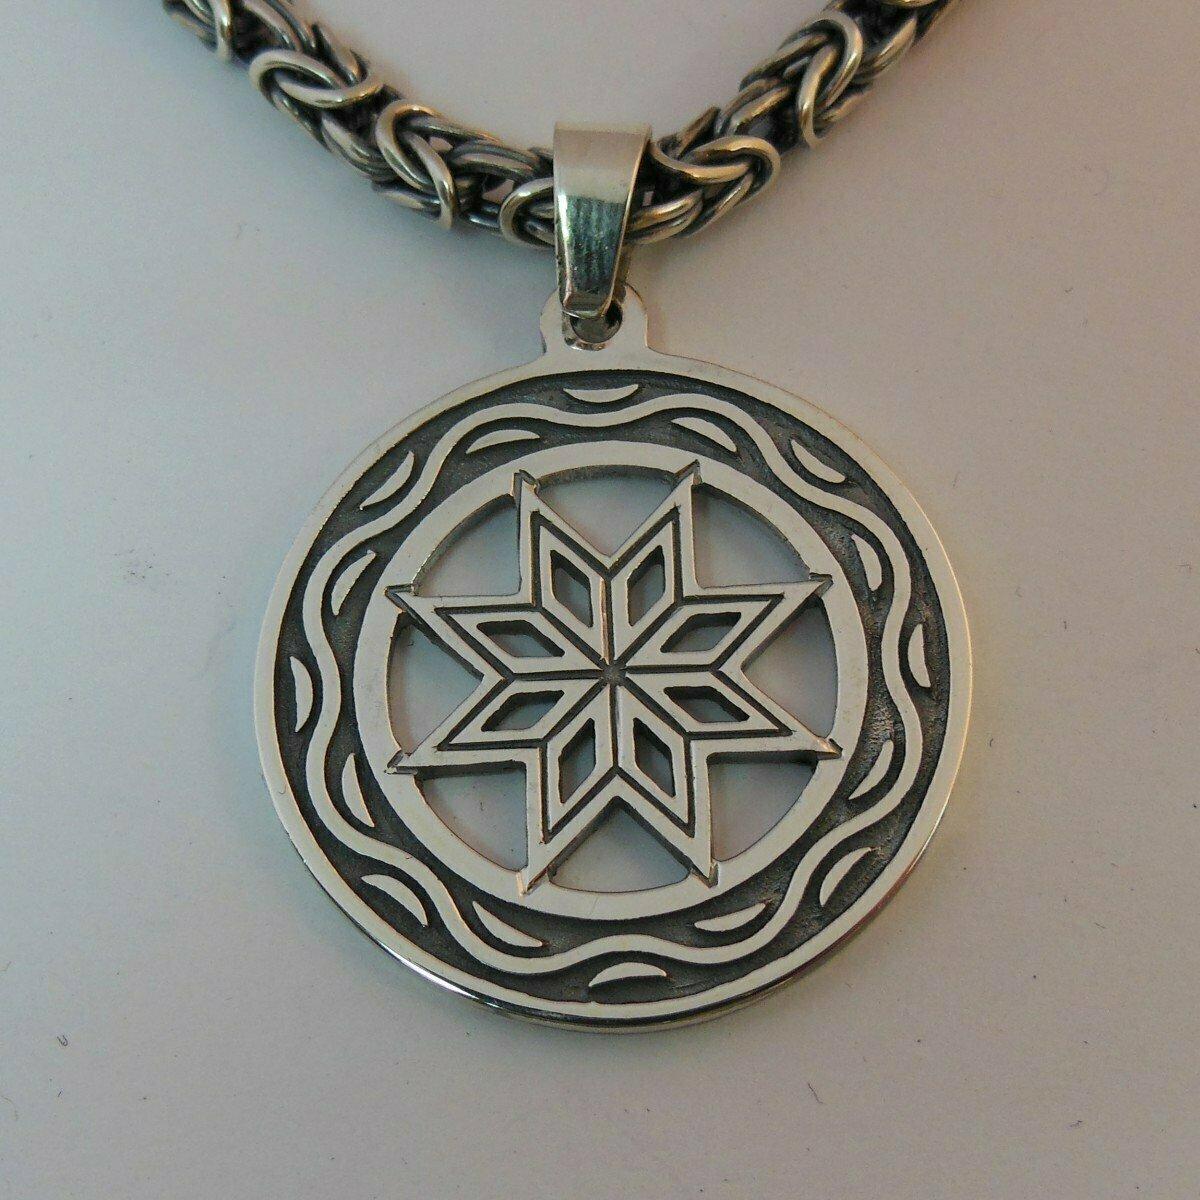 Оберег алатырь (крест сварога): значение символа для мужчин и женщин, как сделать своими руками